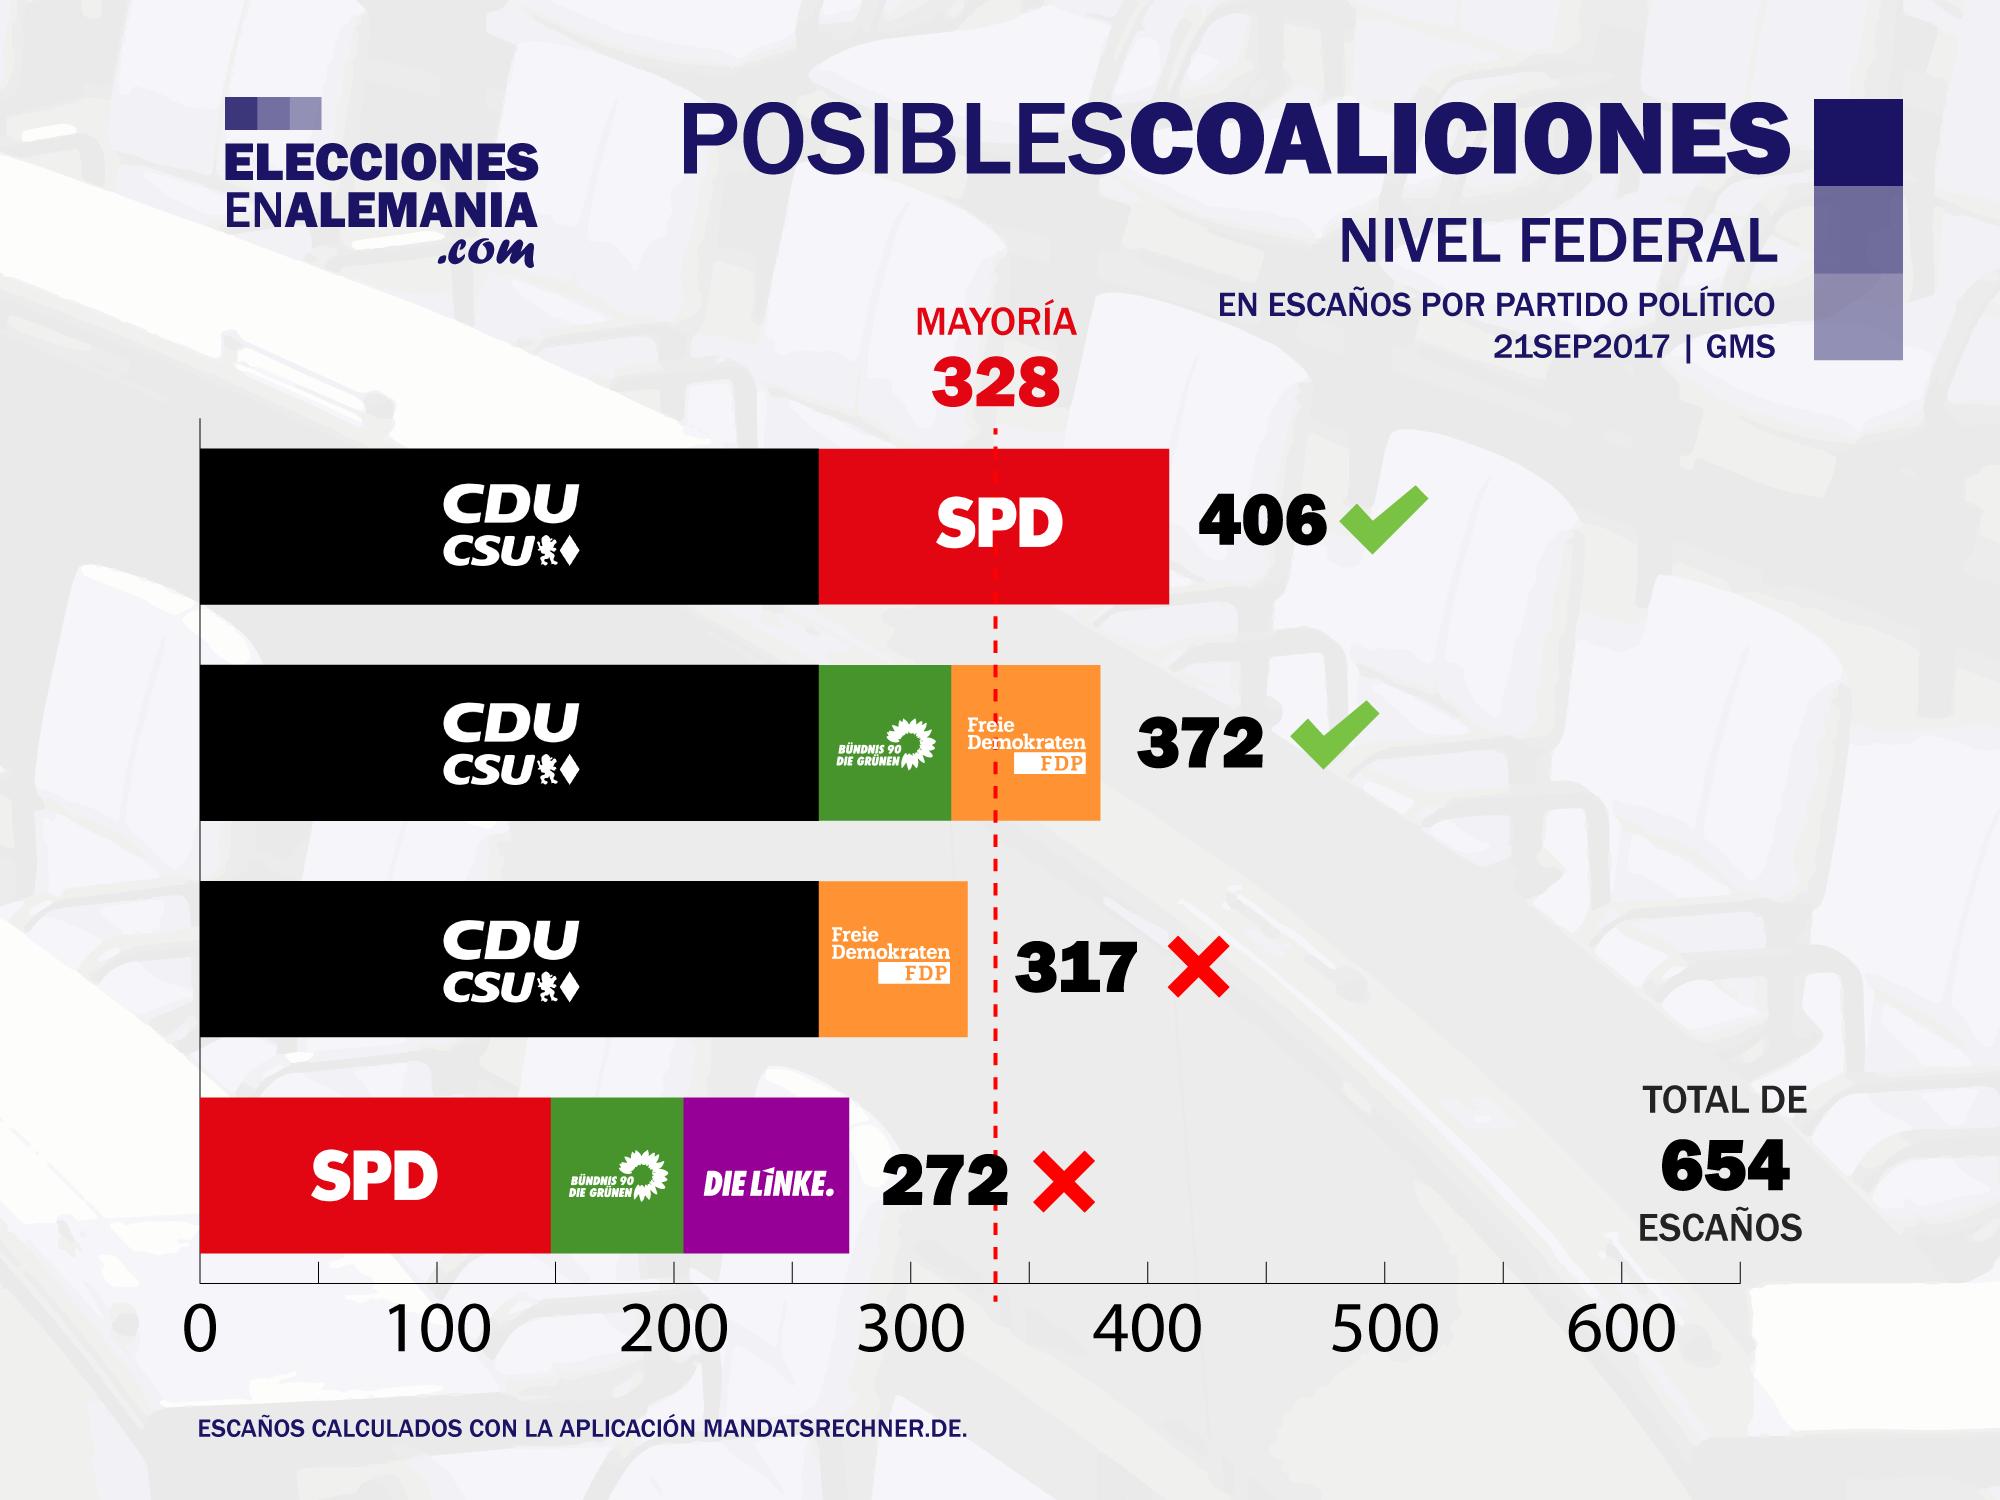 Posibles-Coaliciones-21.9.2017